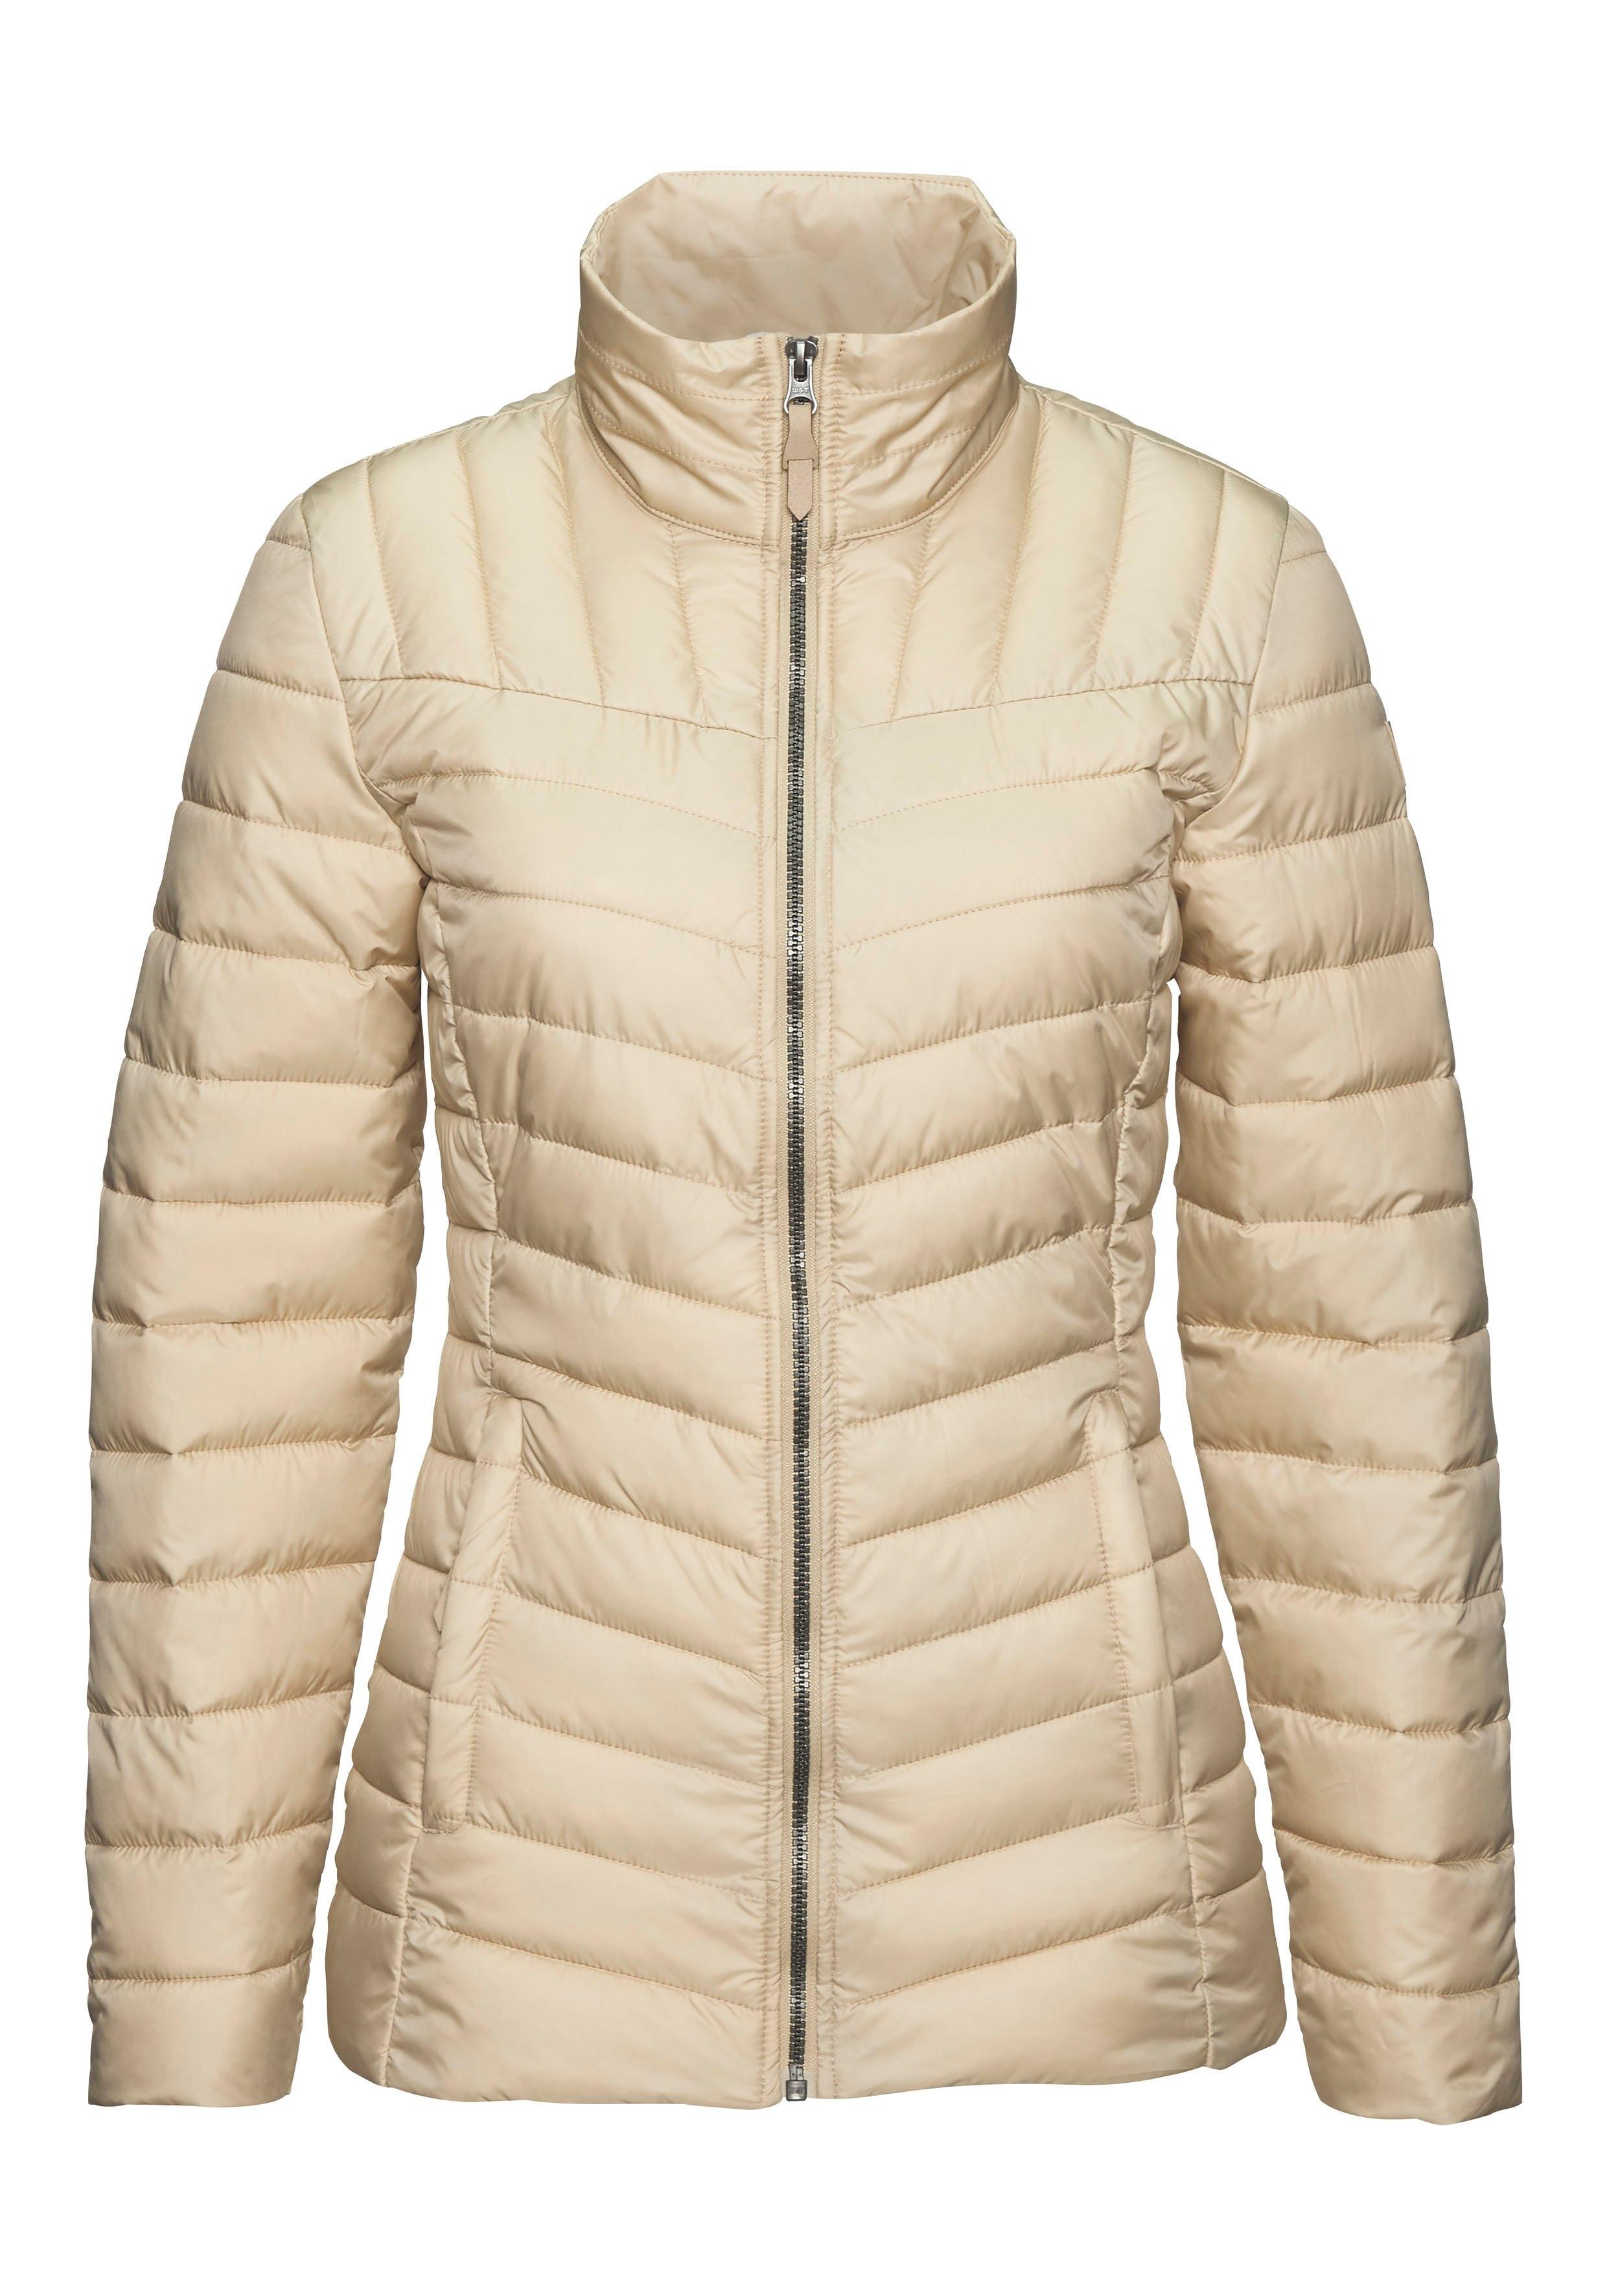 Icepeak gewatteerde jas VACAVILLE voordelig en veilig online kopen